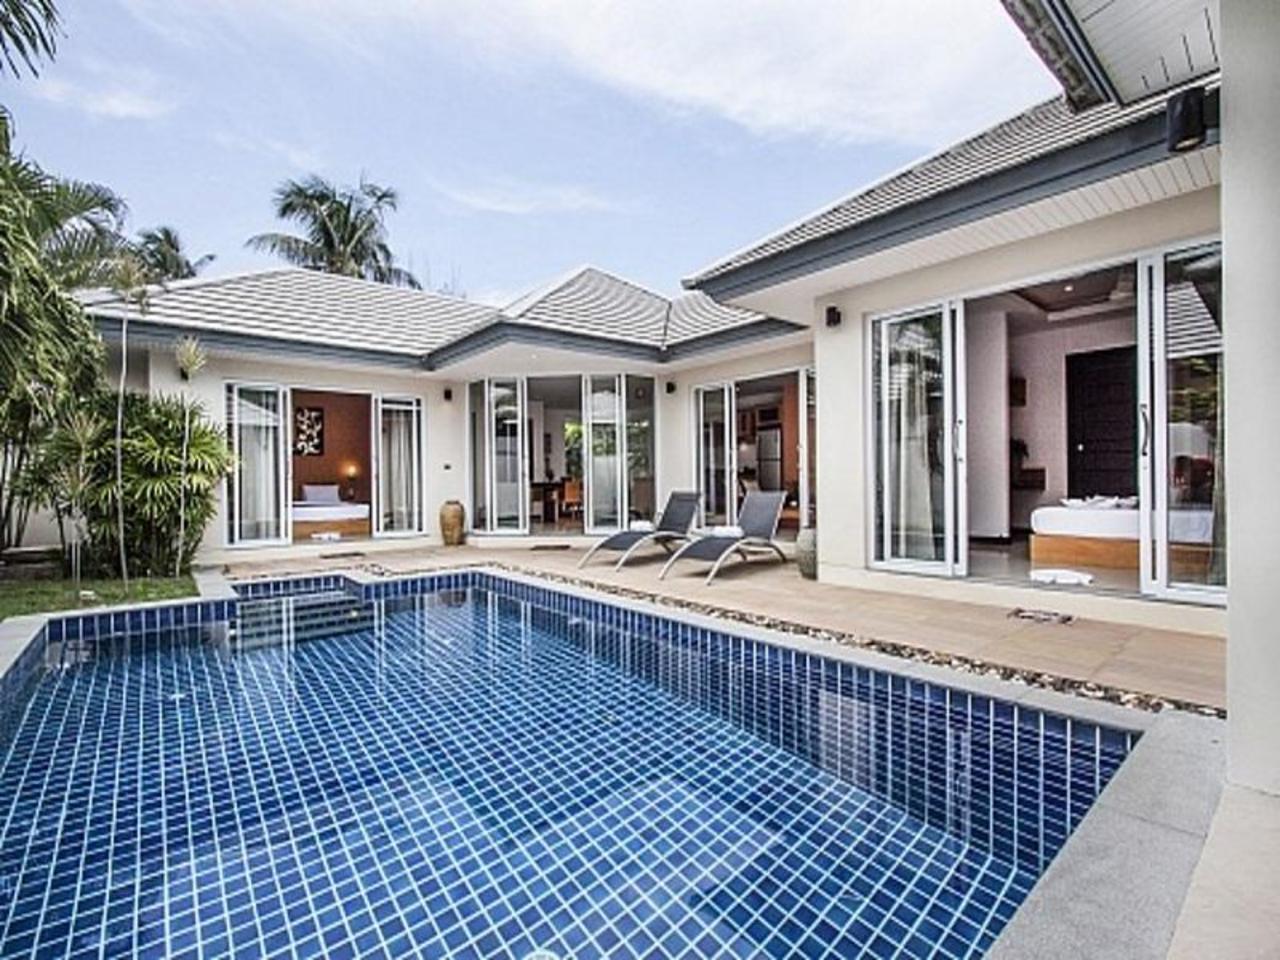 วิลลา ลิปาเลีย 204 2 เบดรูม พูล วิลลา (Villa Lipalia 204 - 2-Bedroom Pool Villa)